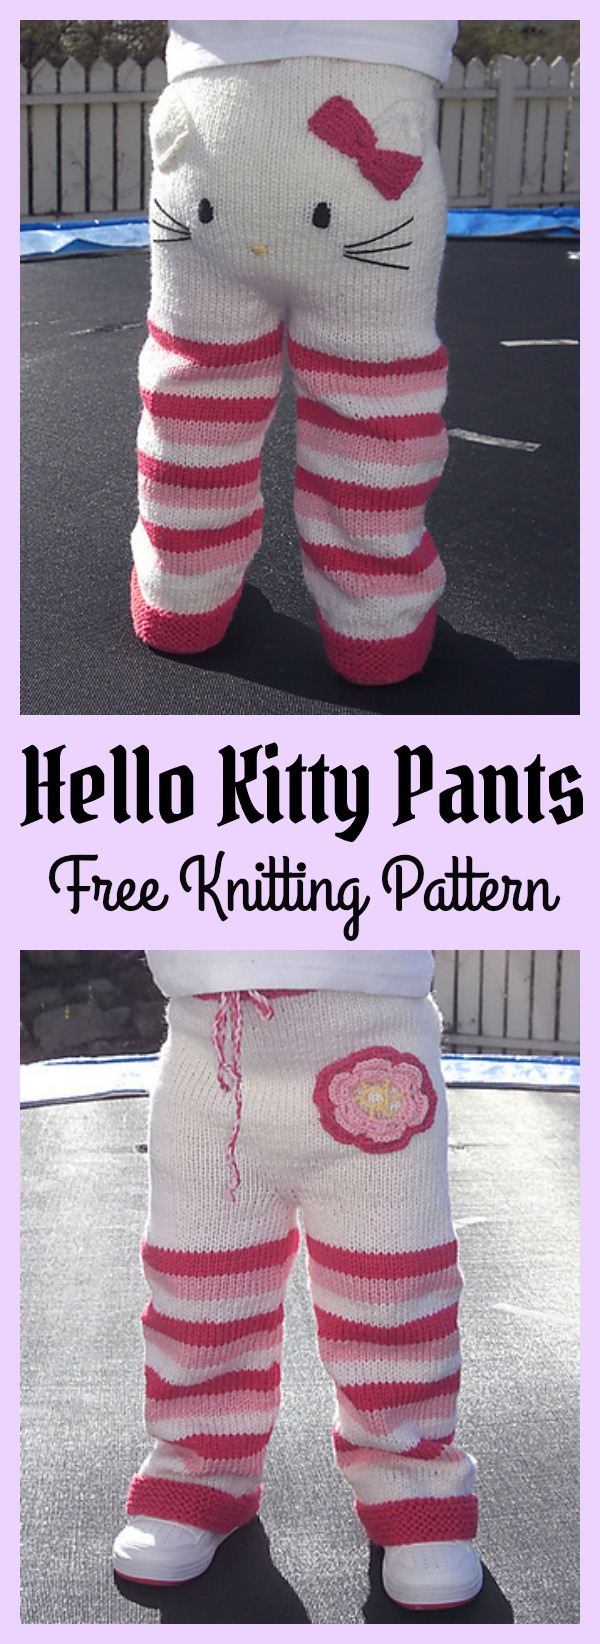 Hello Kitty Pants Free Knitting Pattern m